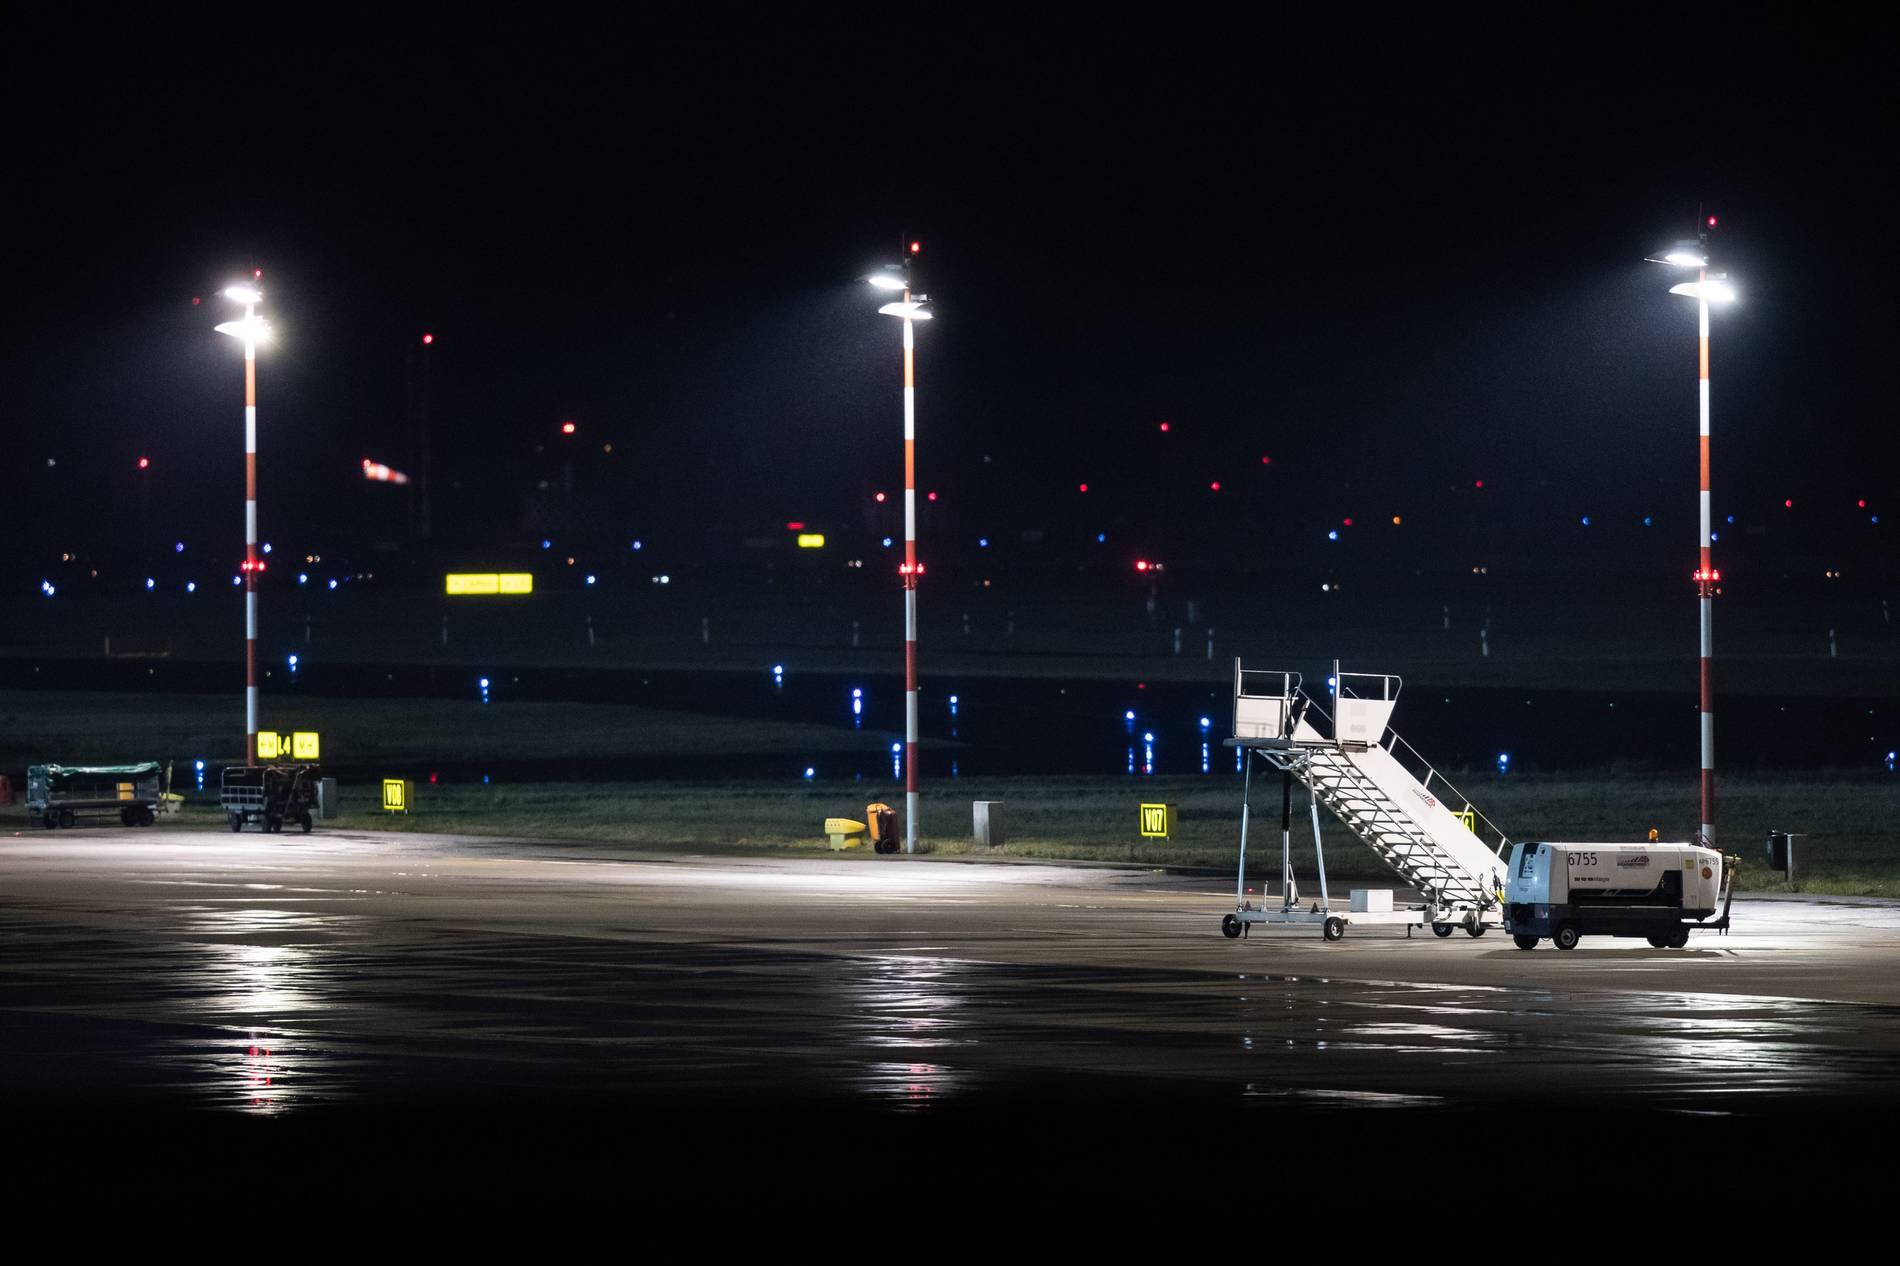 Streik am Flughafen Düsseldorf: Reisenden droht Gepäck-Chaos